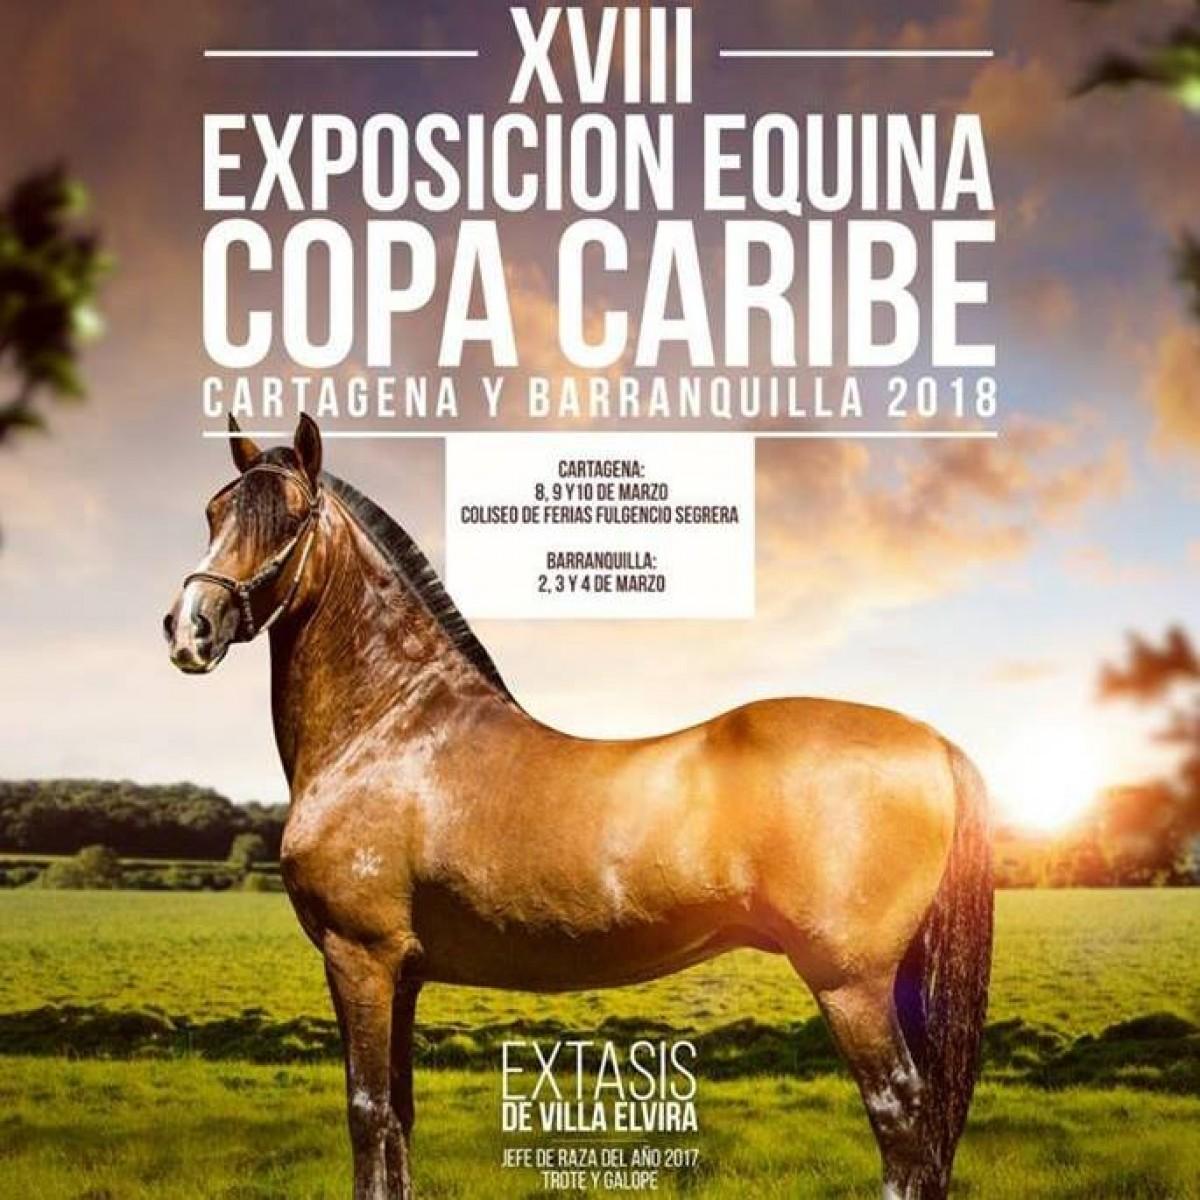 XVIII Exposición Equina Copa Caribe Cartagena Y Barraquilla 2018